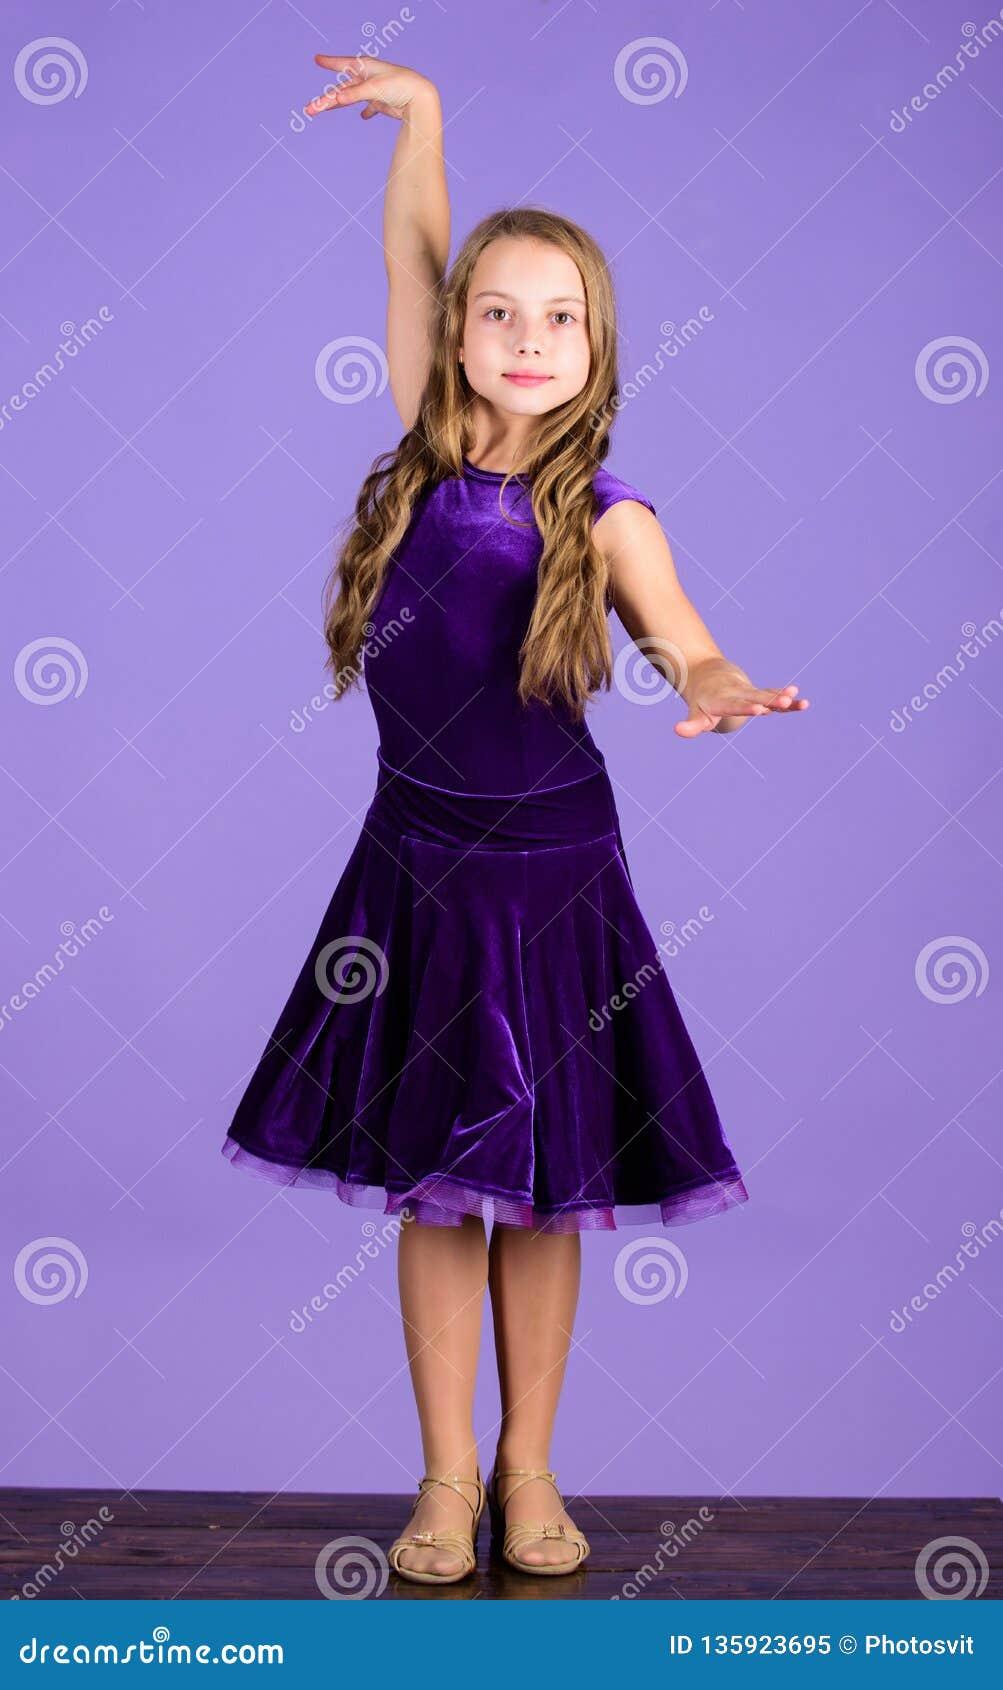 Roupa para a dança de salão de baile forma dos miúdos O vestido elegante da criança olha adorável Conceito da forma do dancewear